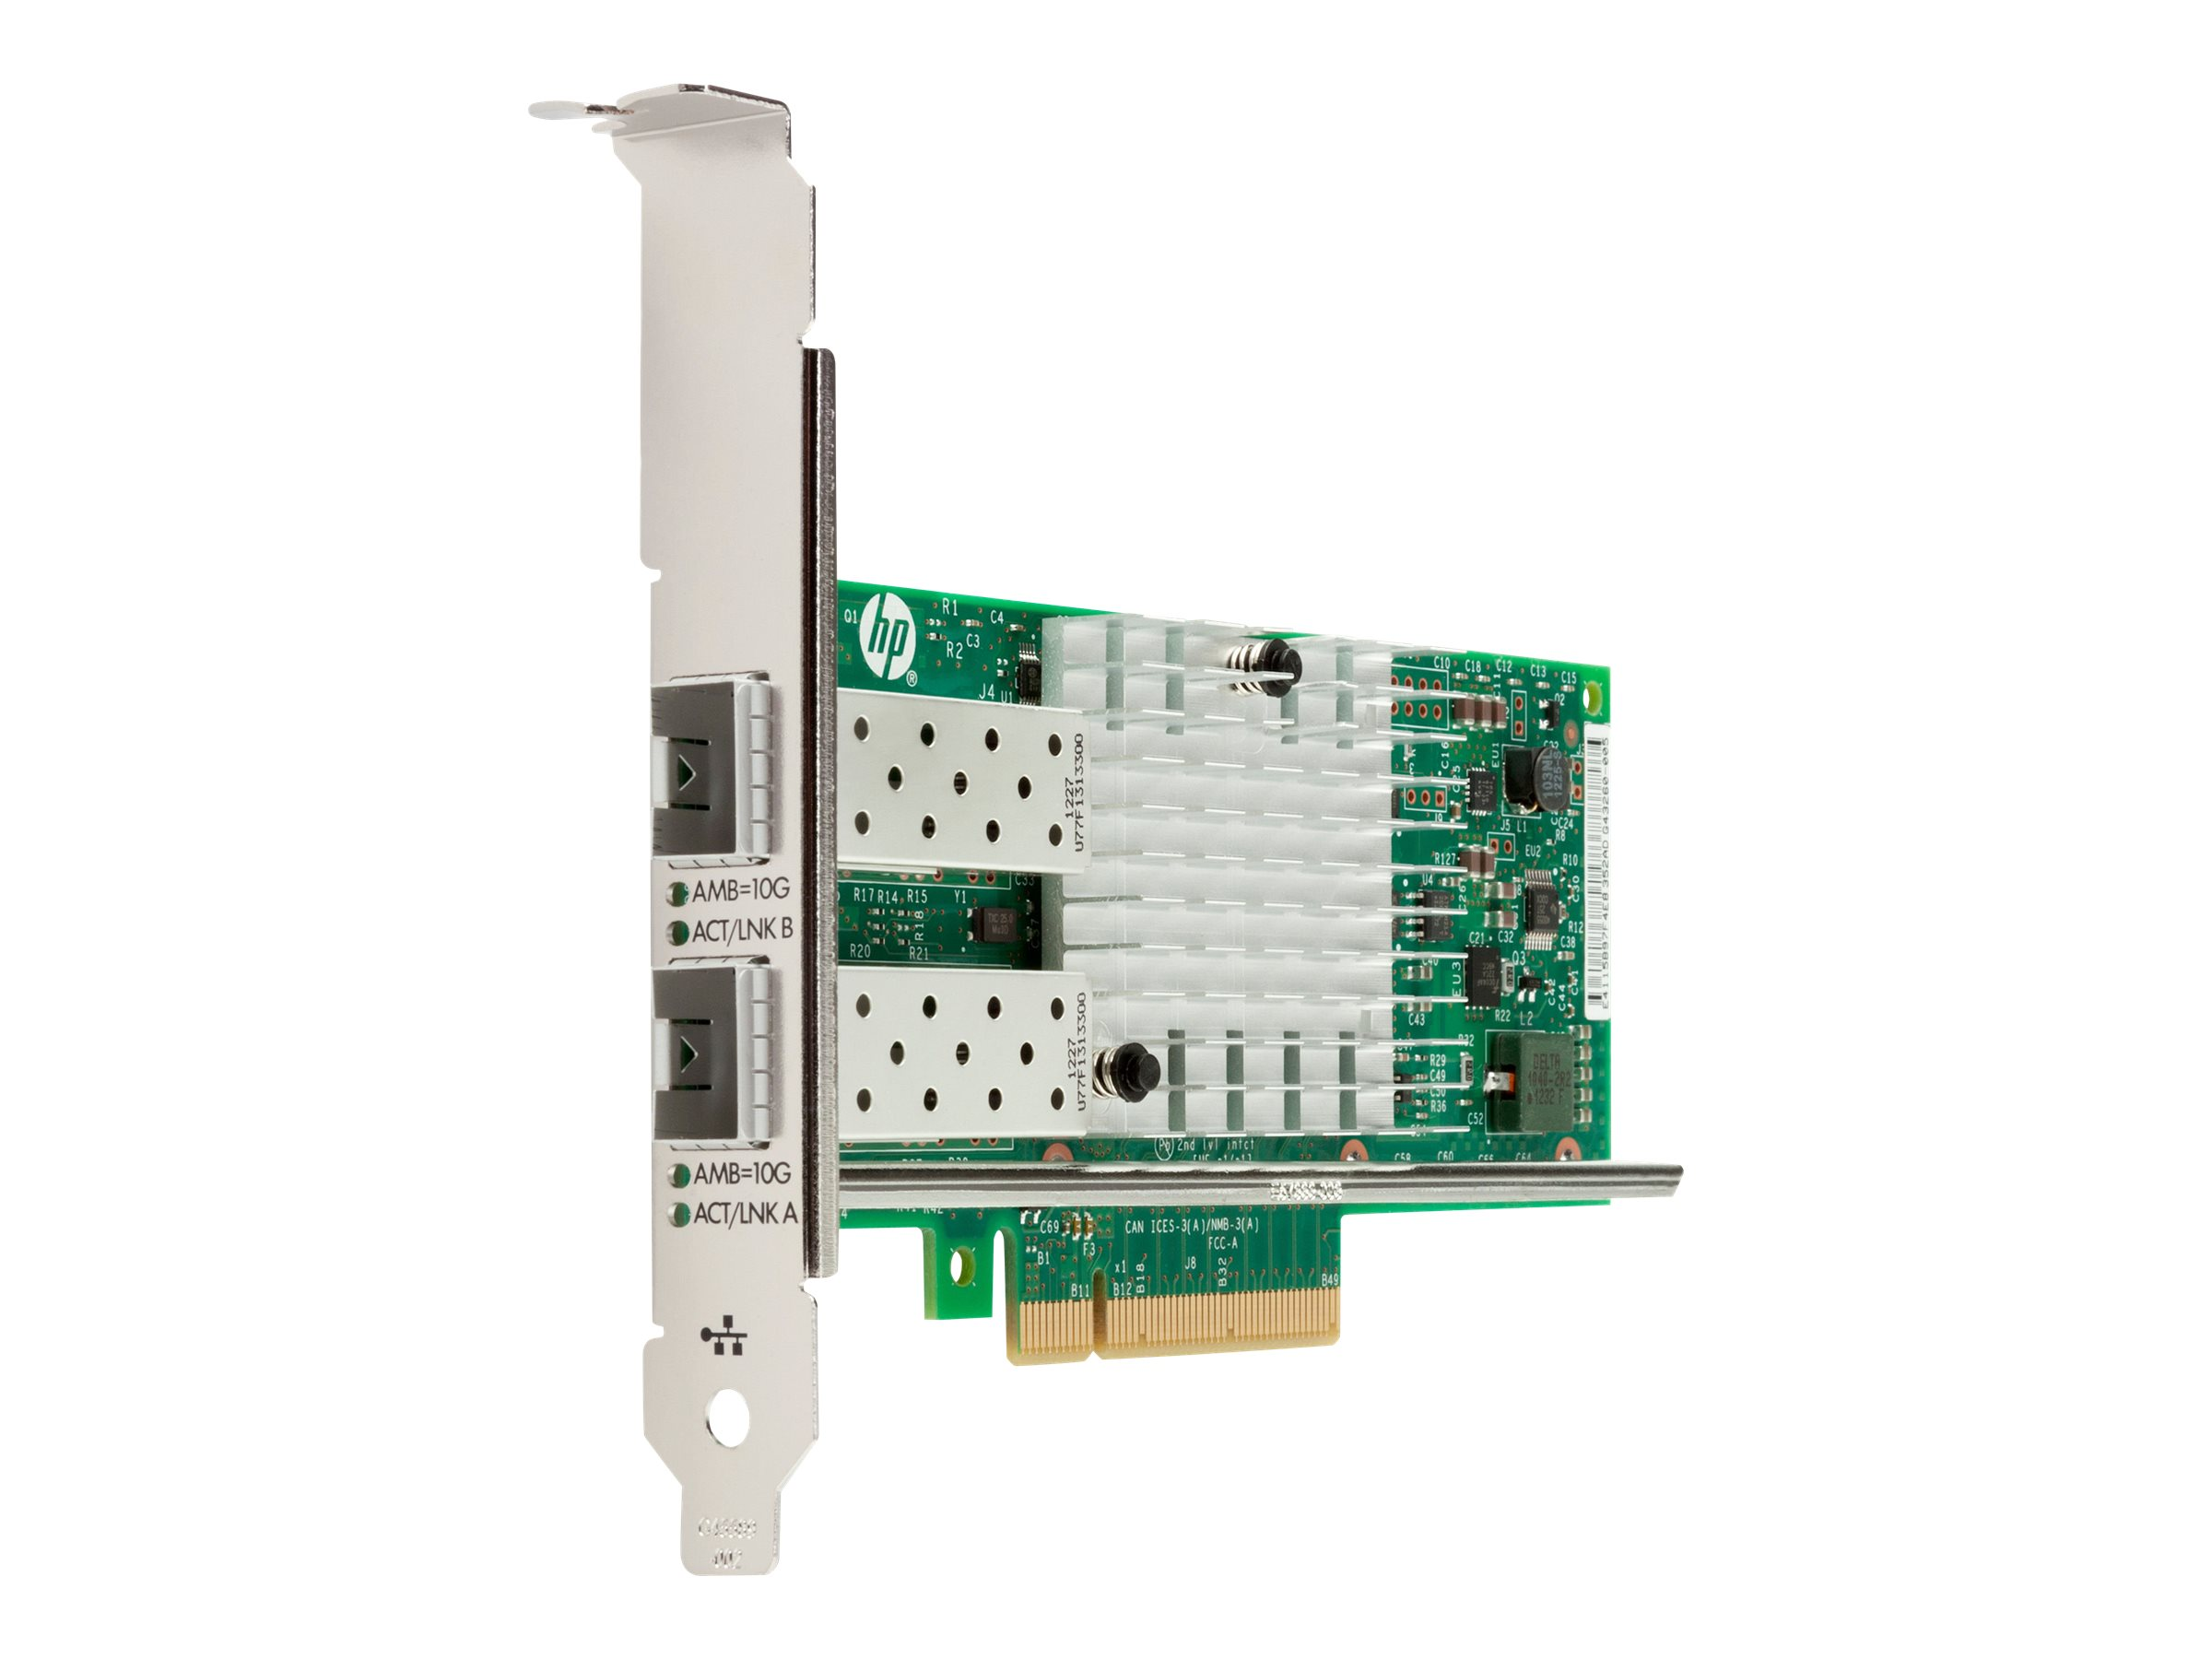 Intel X520 - Netzwerkadapter - PCIe 2.0 x8 Low-Profile - 10 GigE - 2 Anschlüsse - für Workstation Z220, Z230, Z420, Z620, Z820